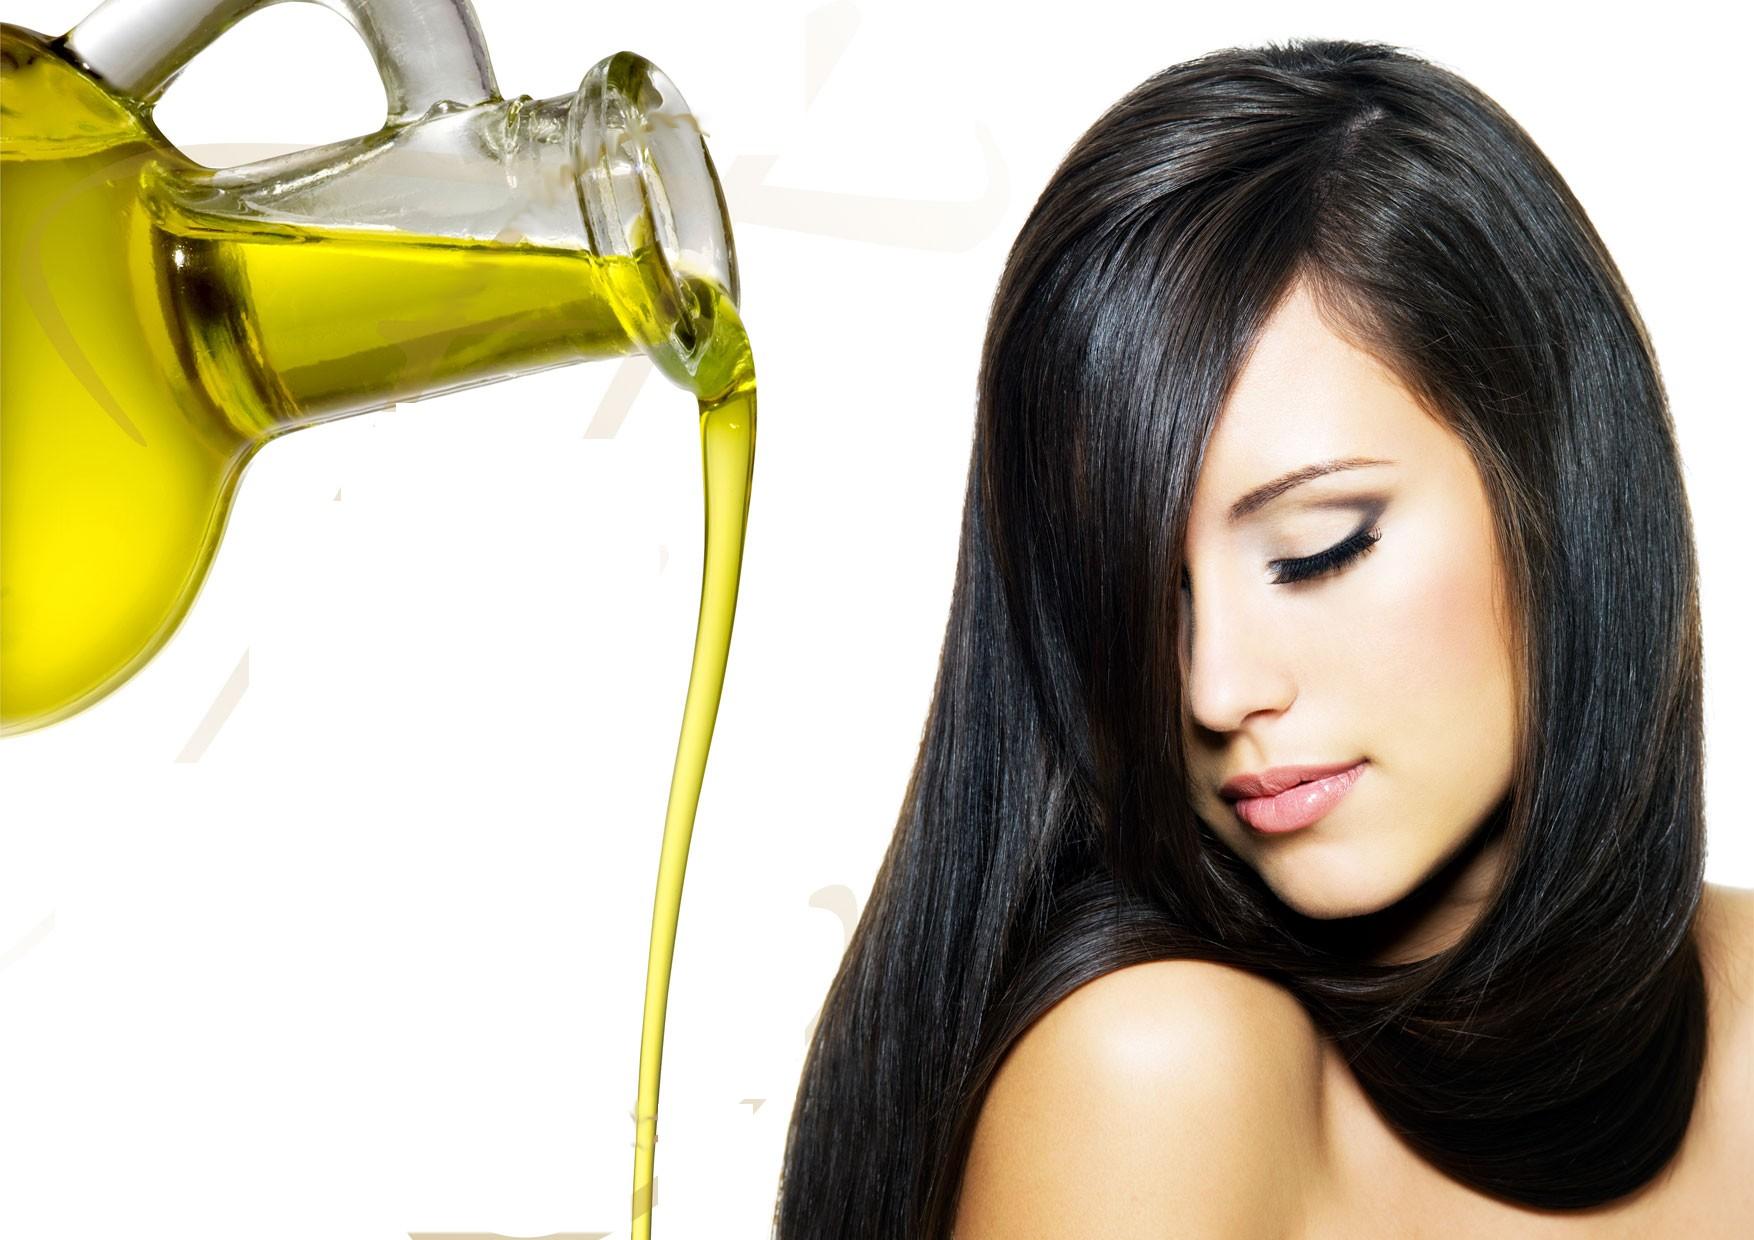 Увлажняющая маска для волос в домашних условиях рецепт